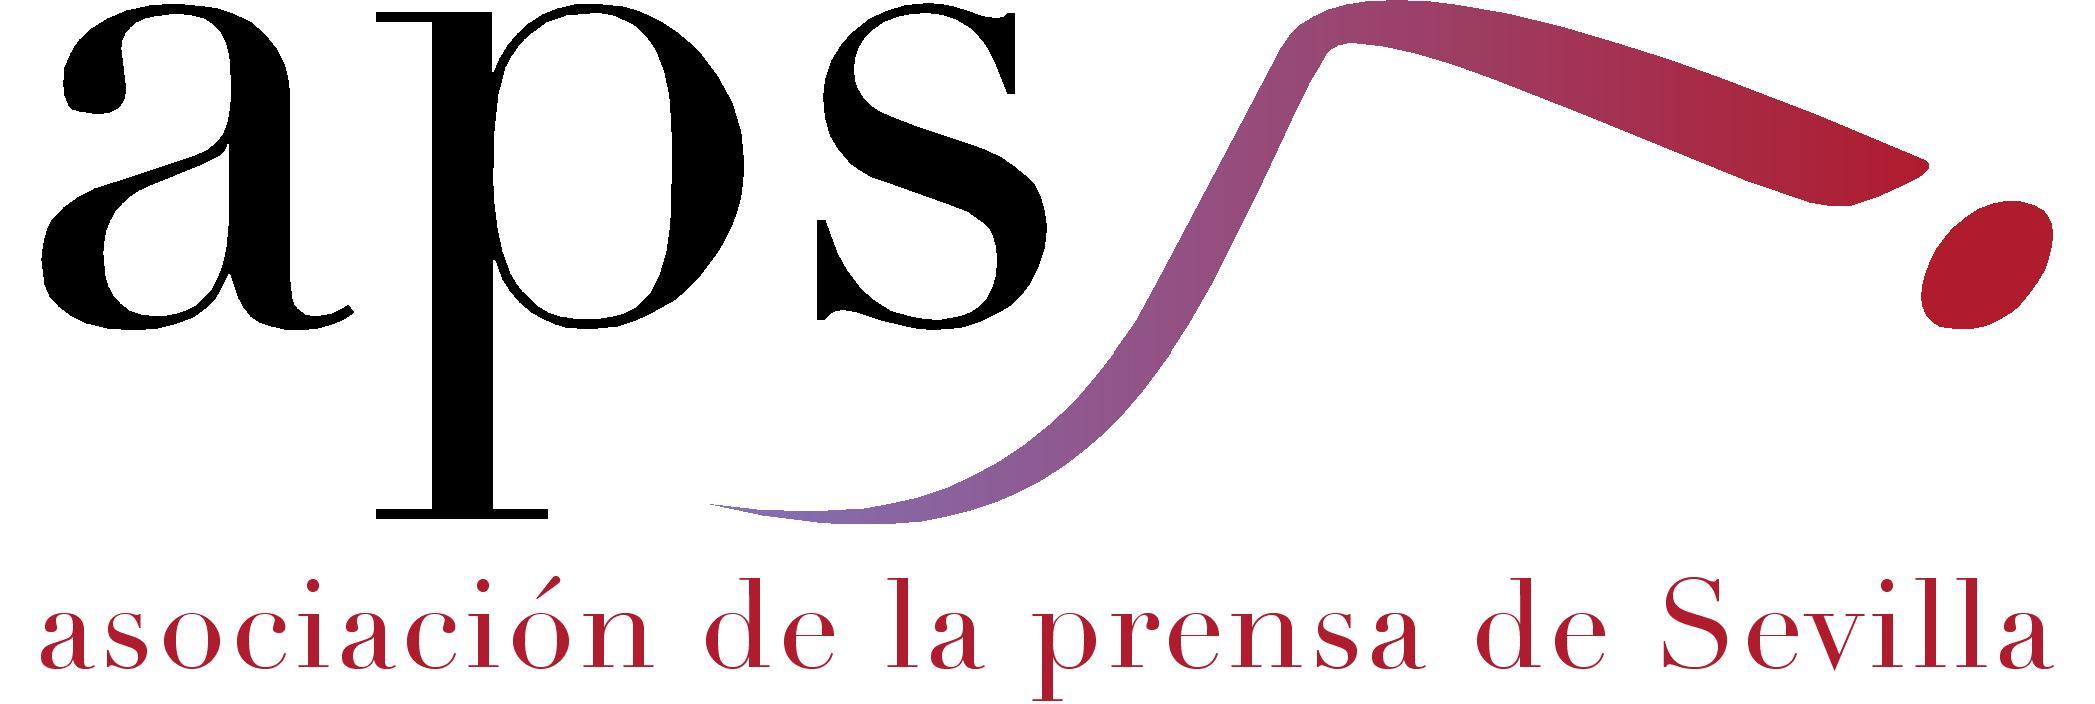 Asociación de la Prensa de Sevilla